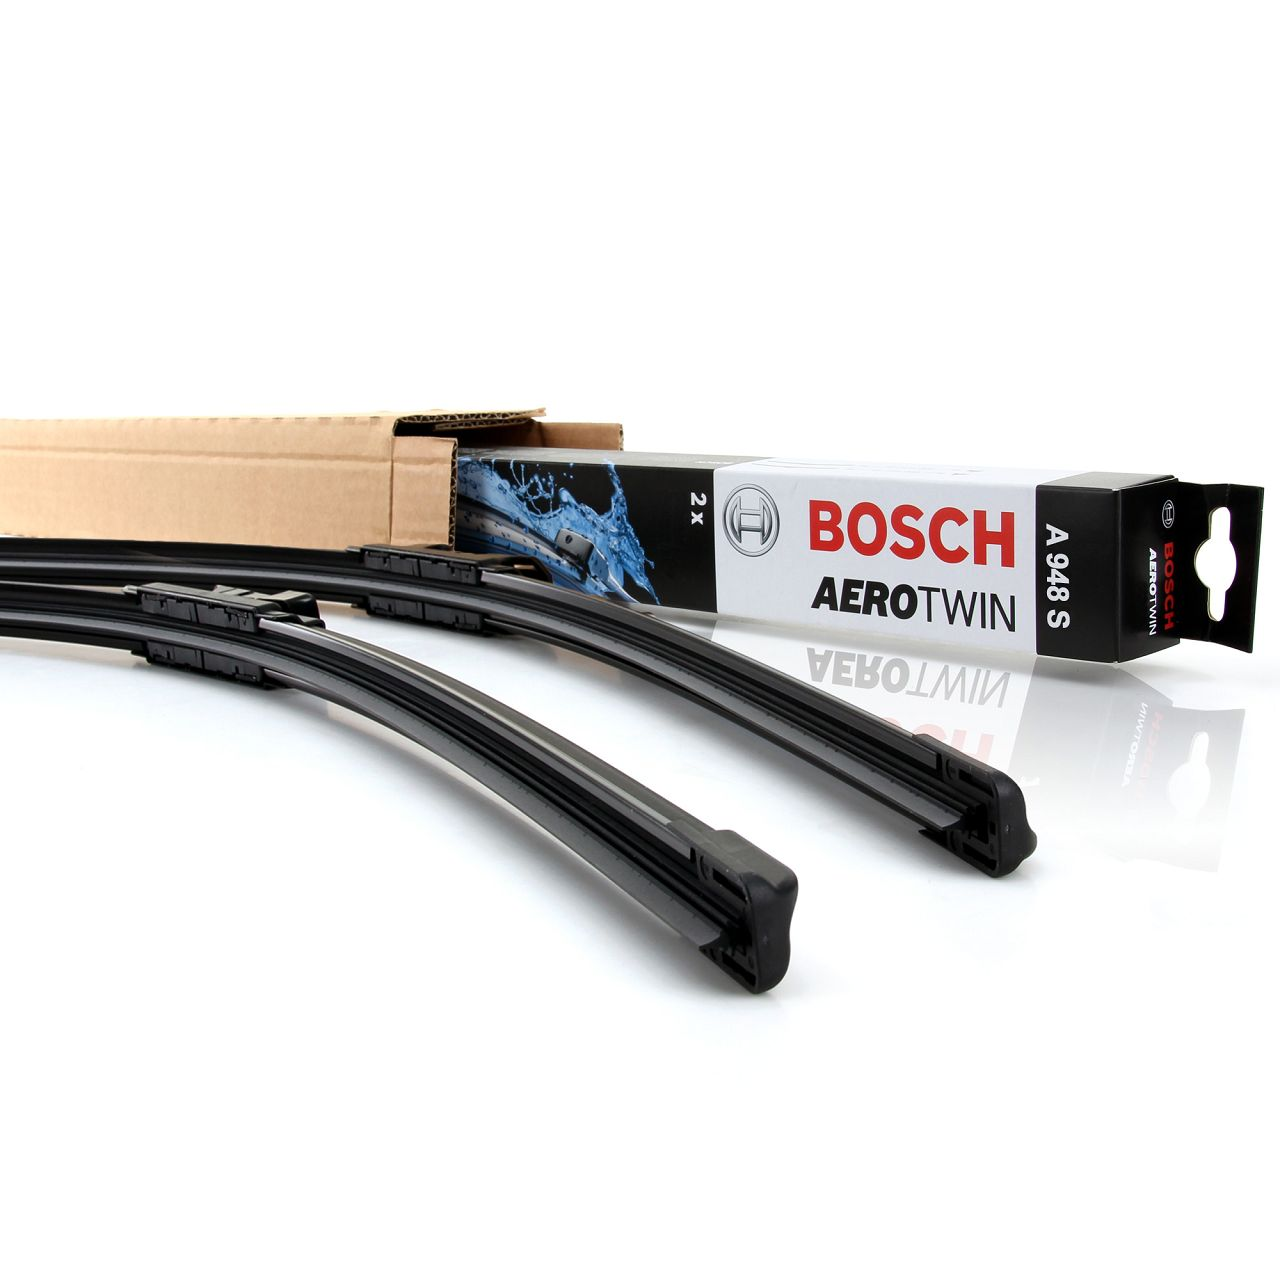 BOSCH AEROTWIN A948S Scheibenwischer Wischer für MERCEDES E-KLASSE W211 S211